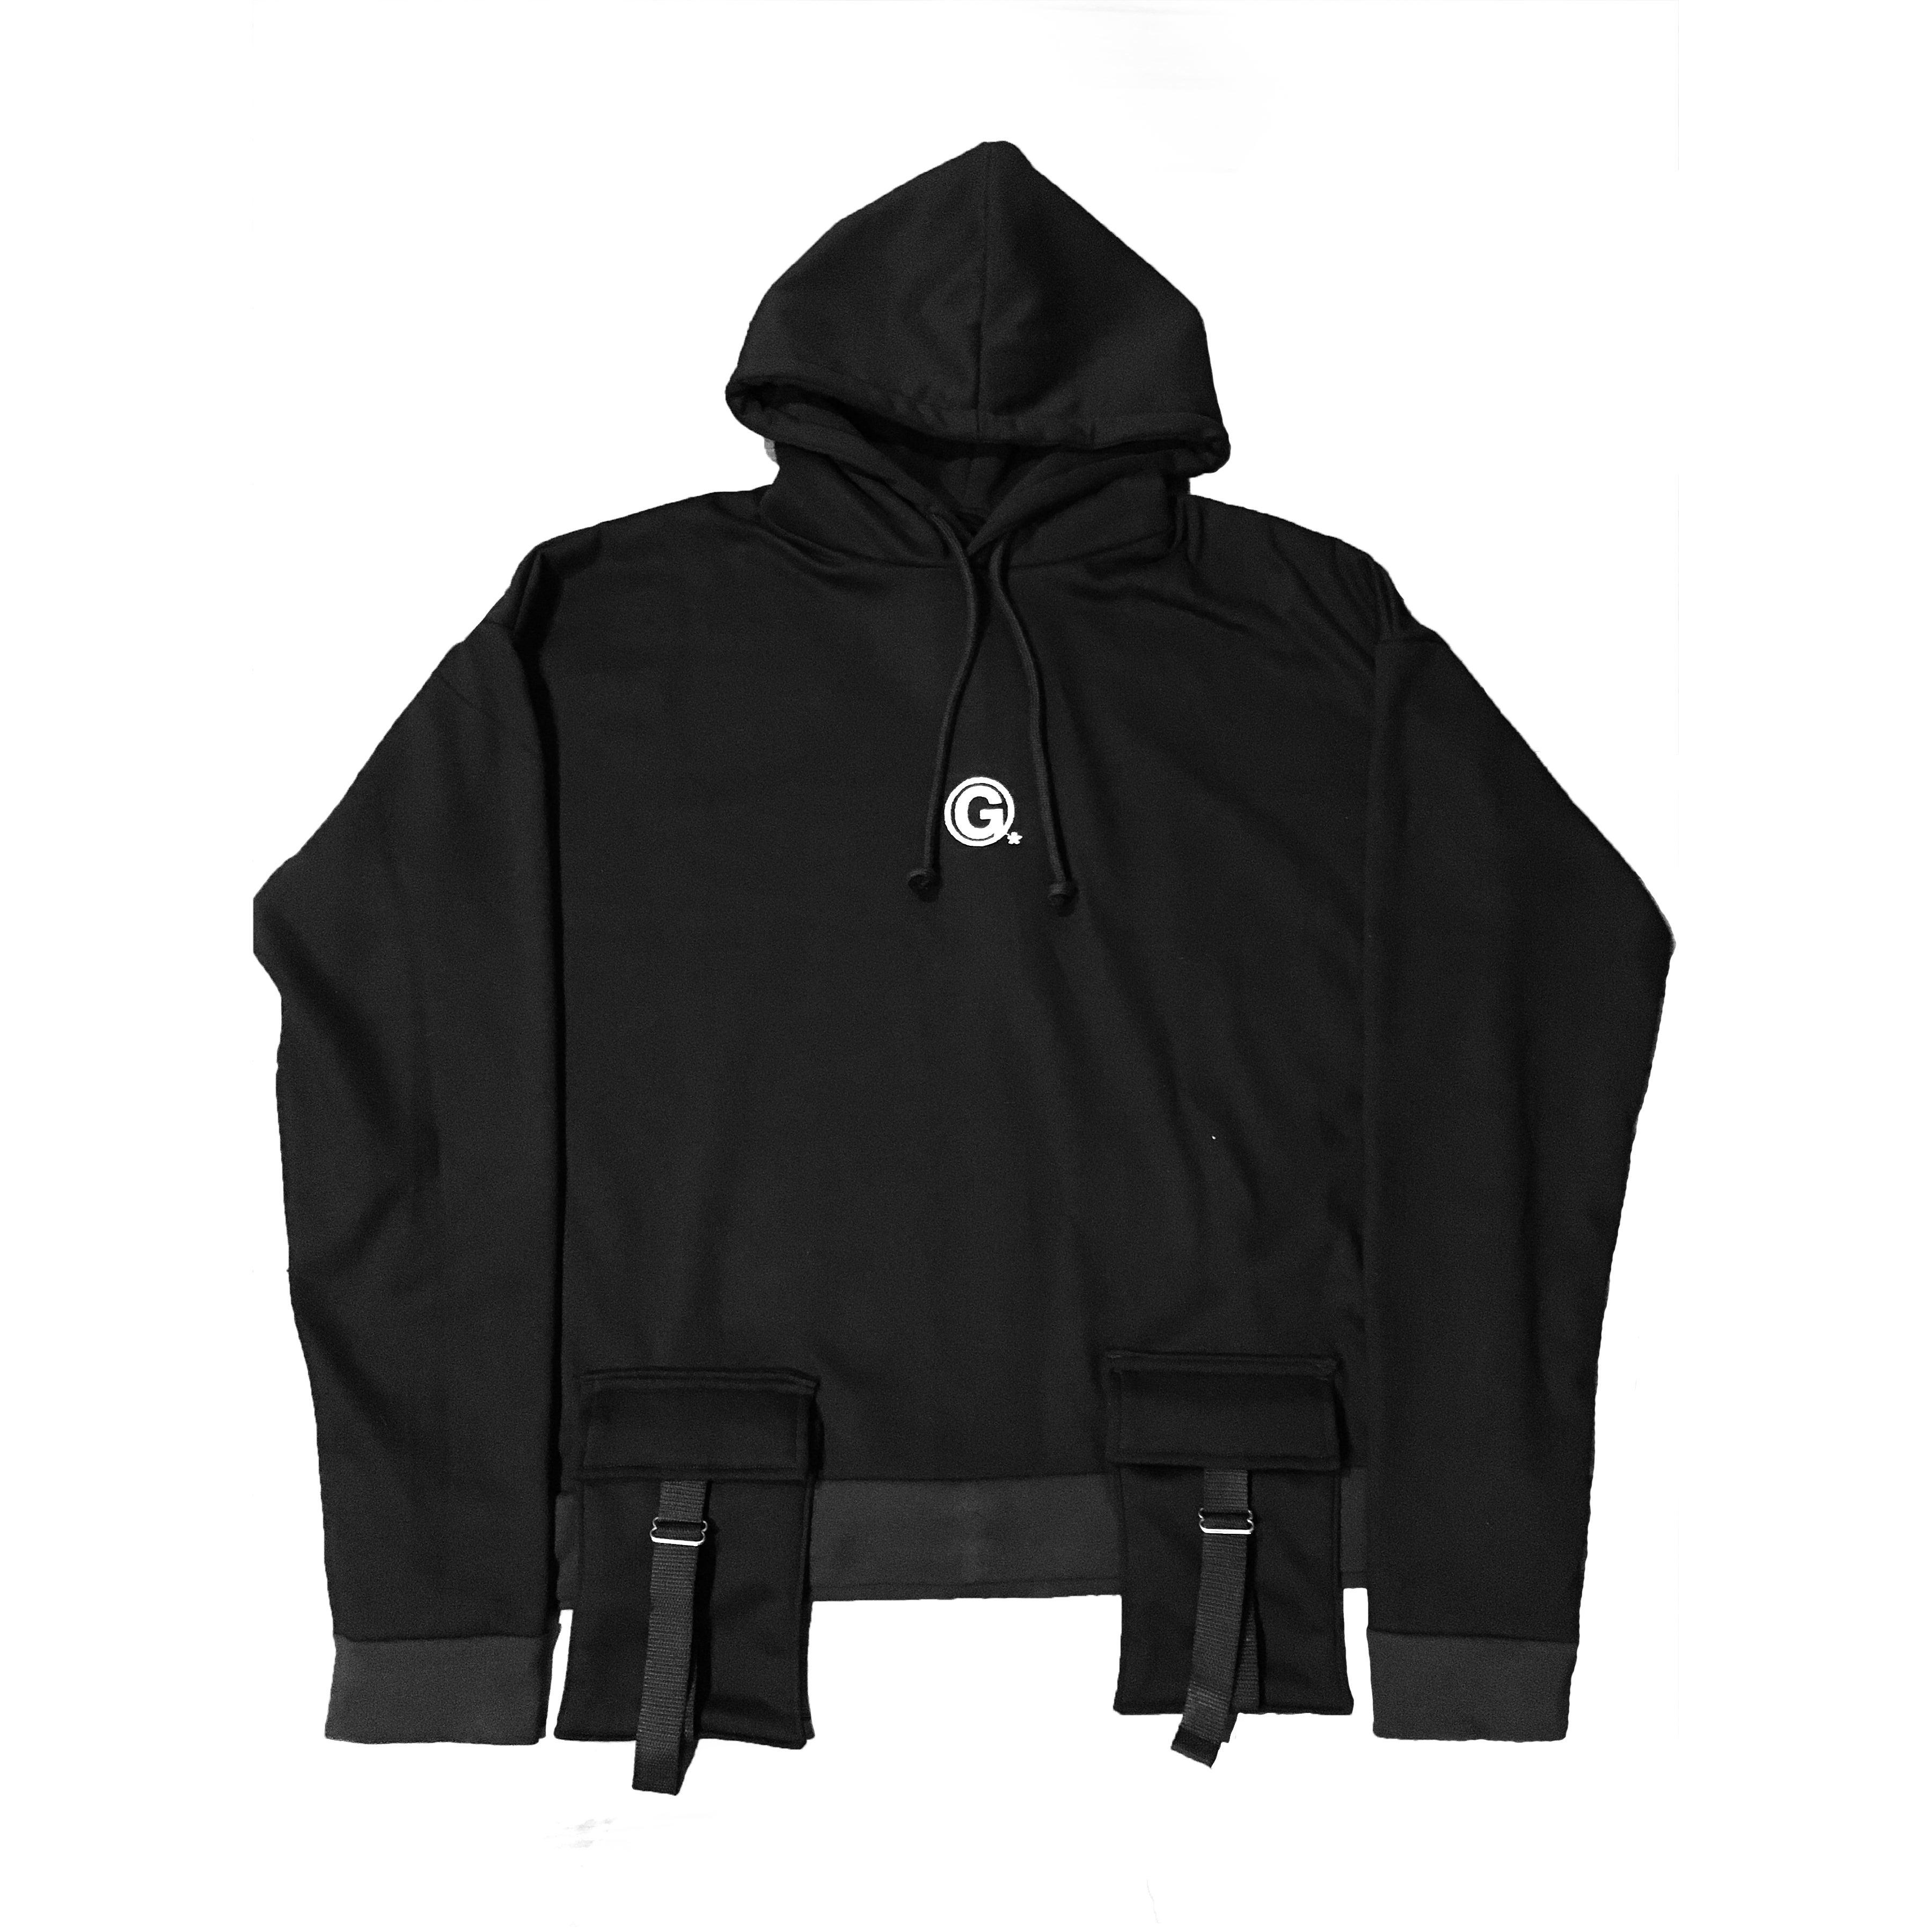 Cargo hoodie